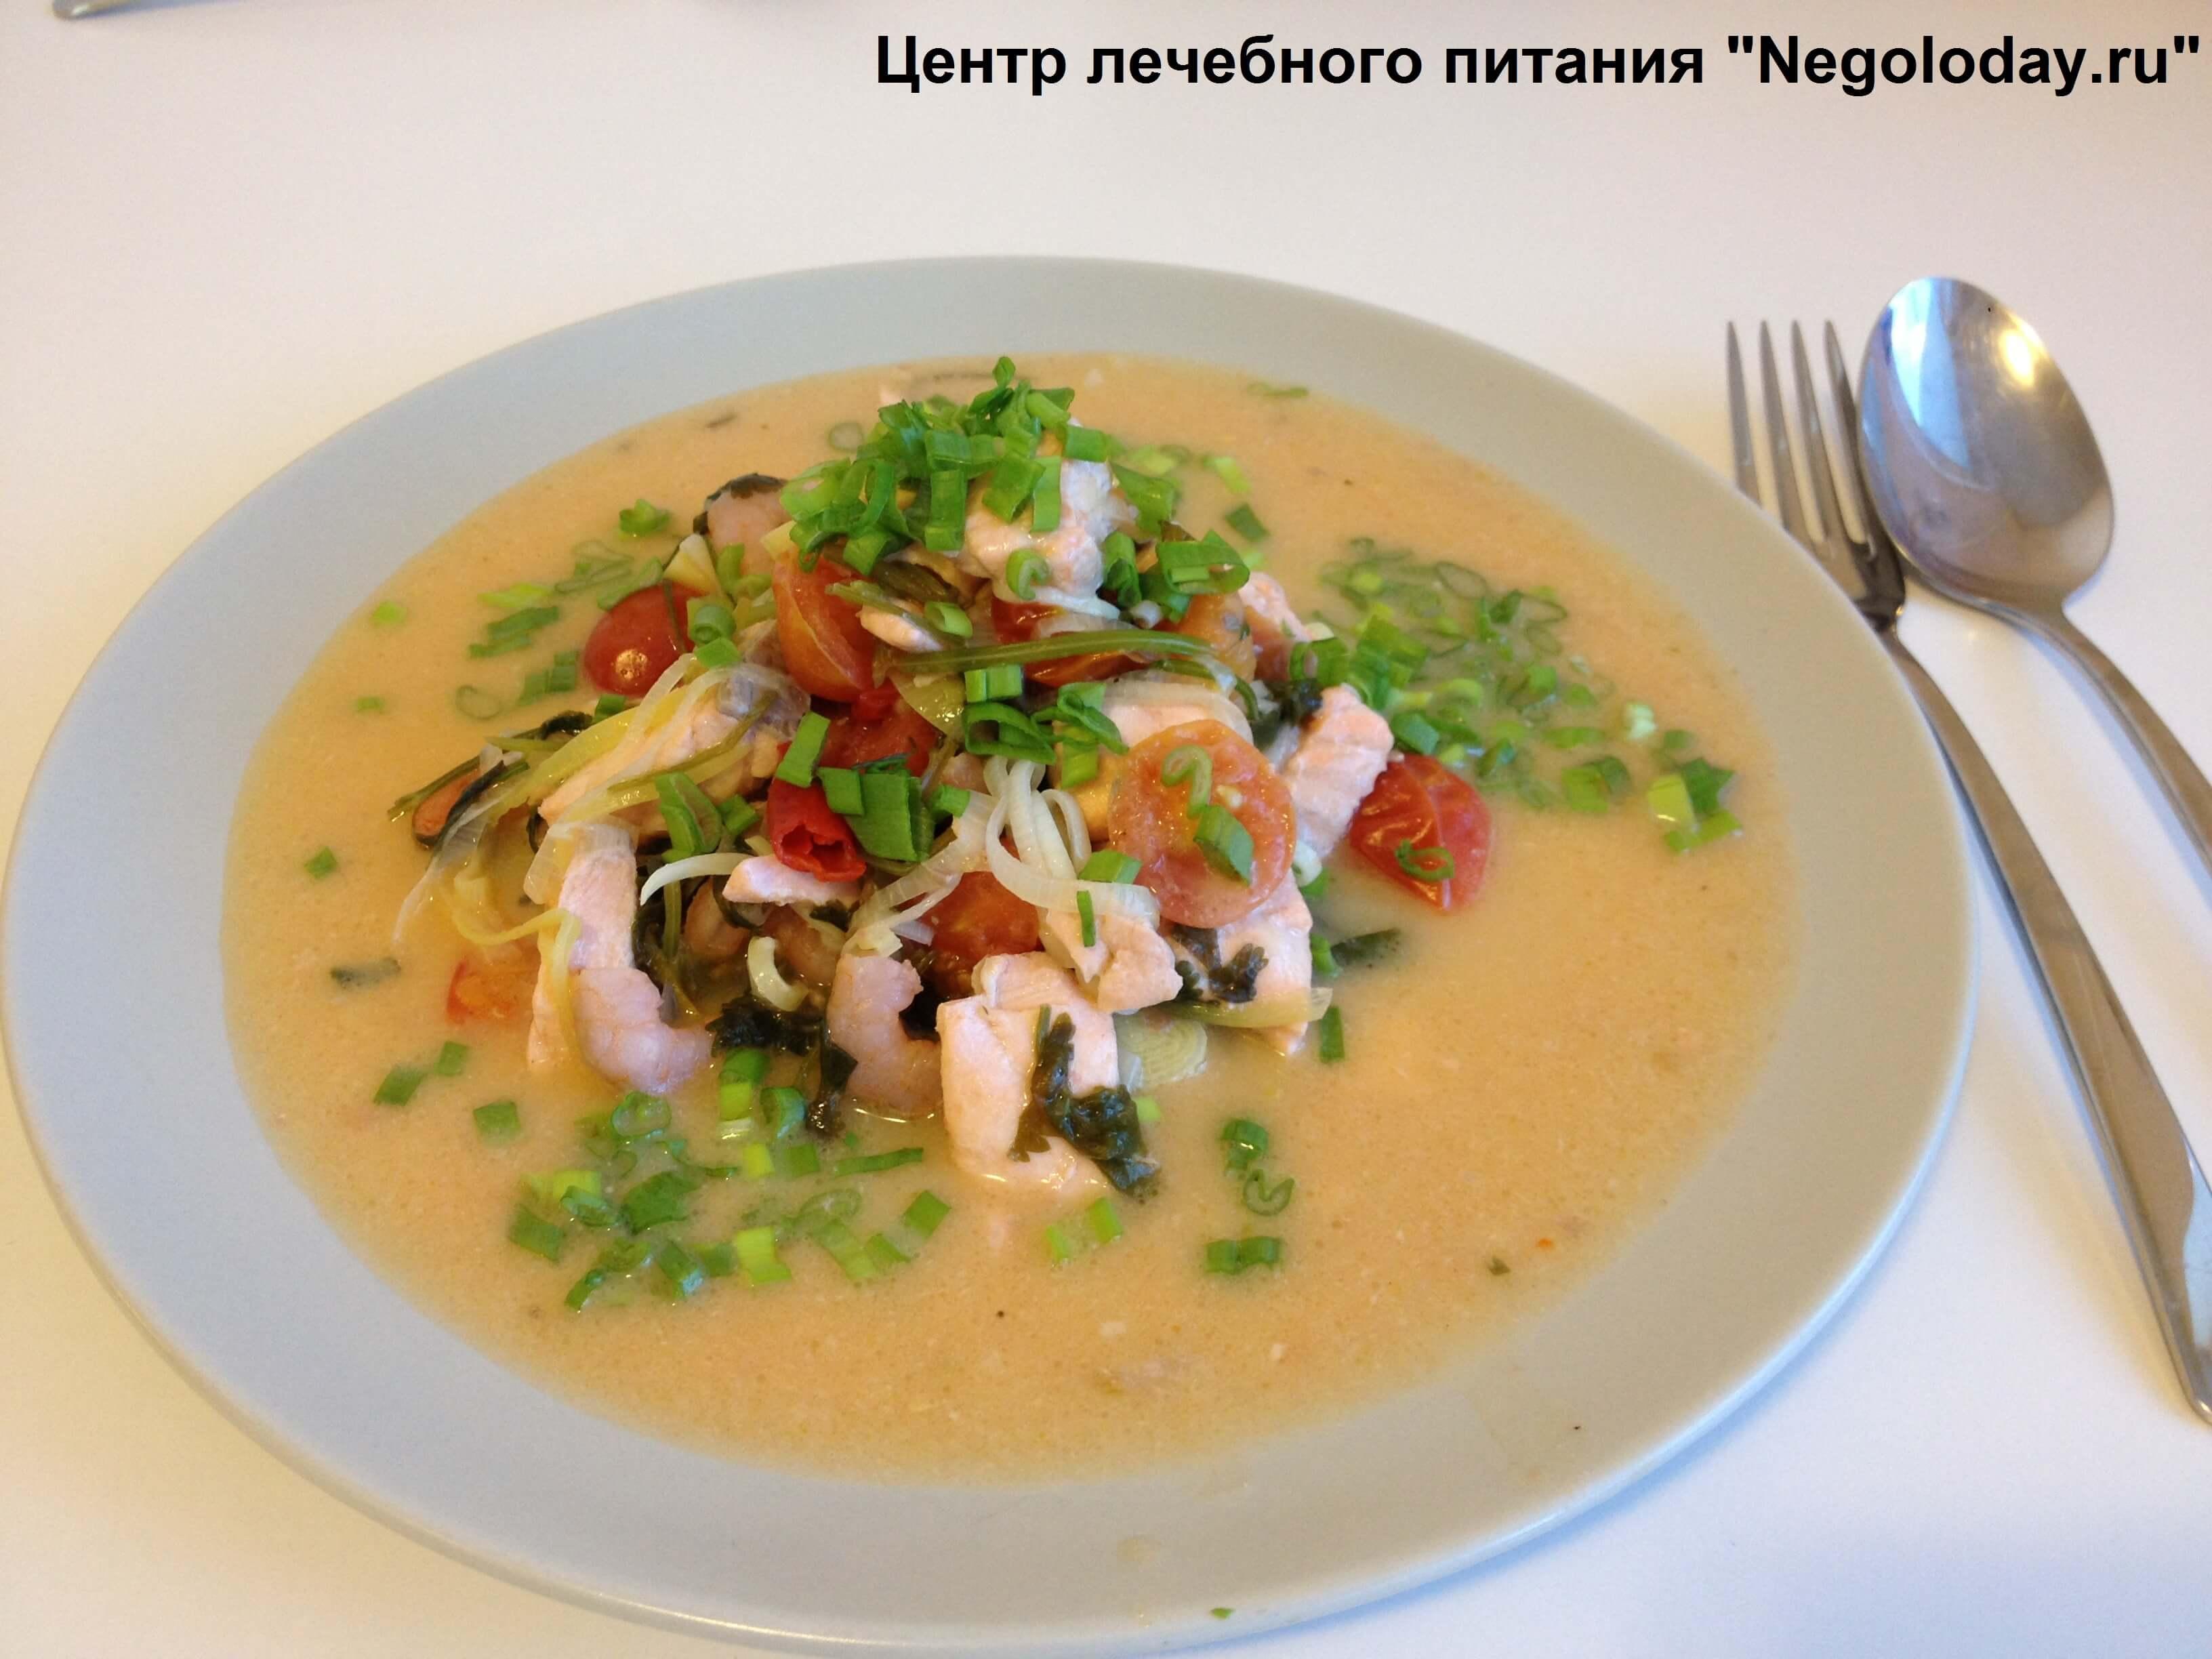 Как приготовить лаваш армянский тонкий рецепт